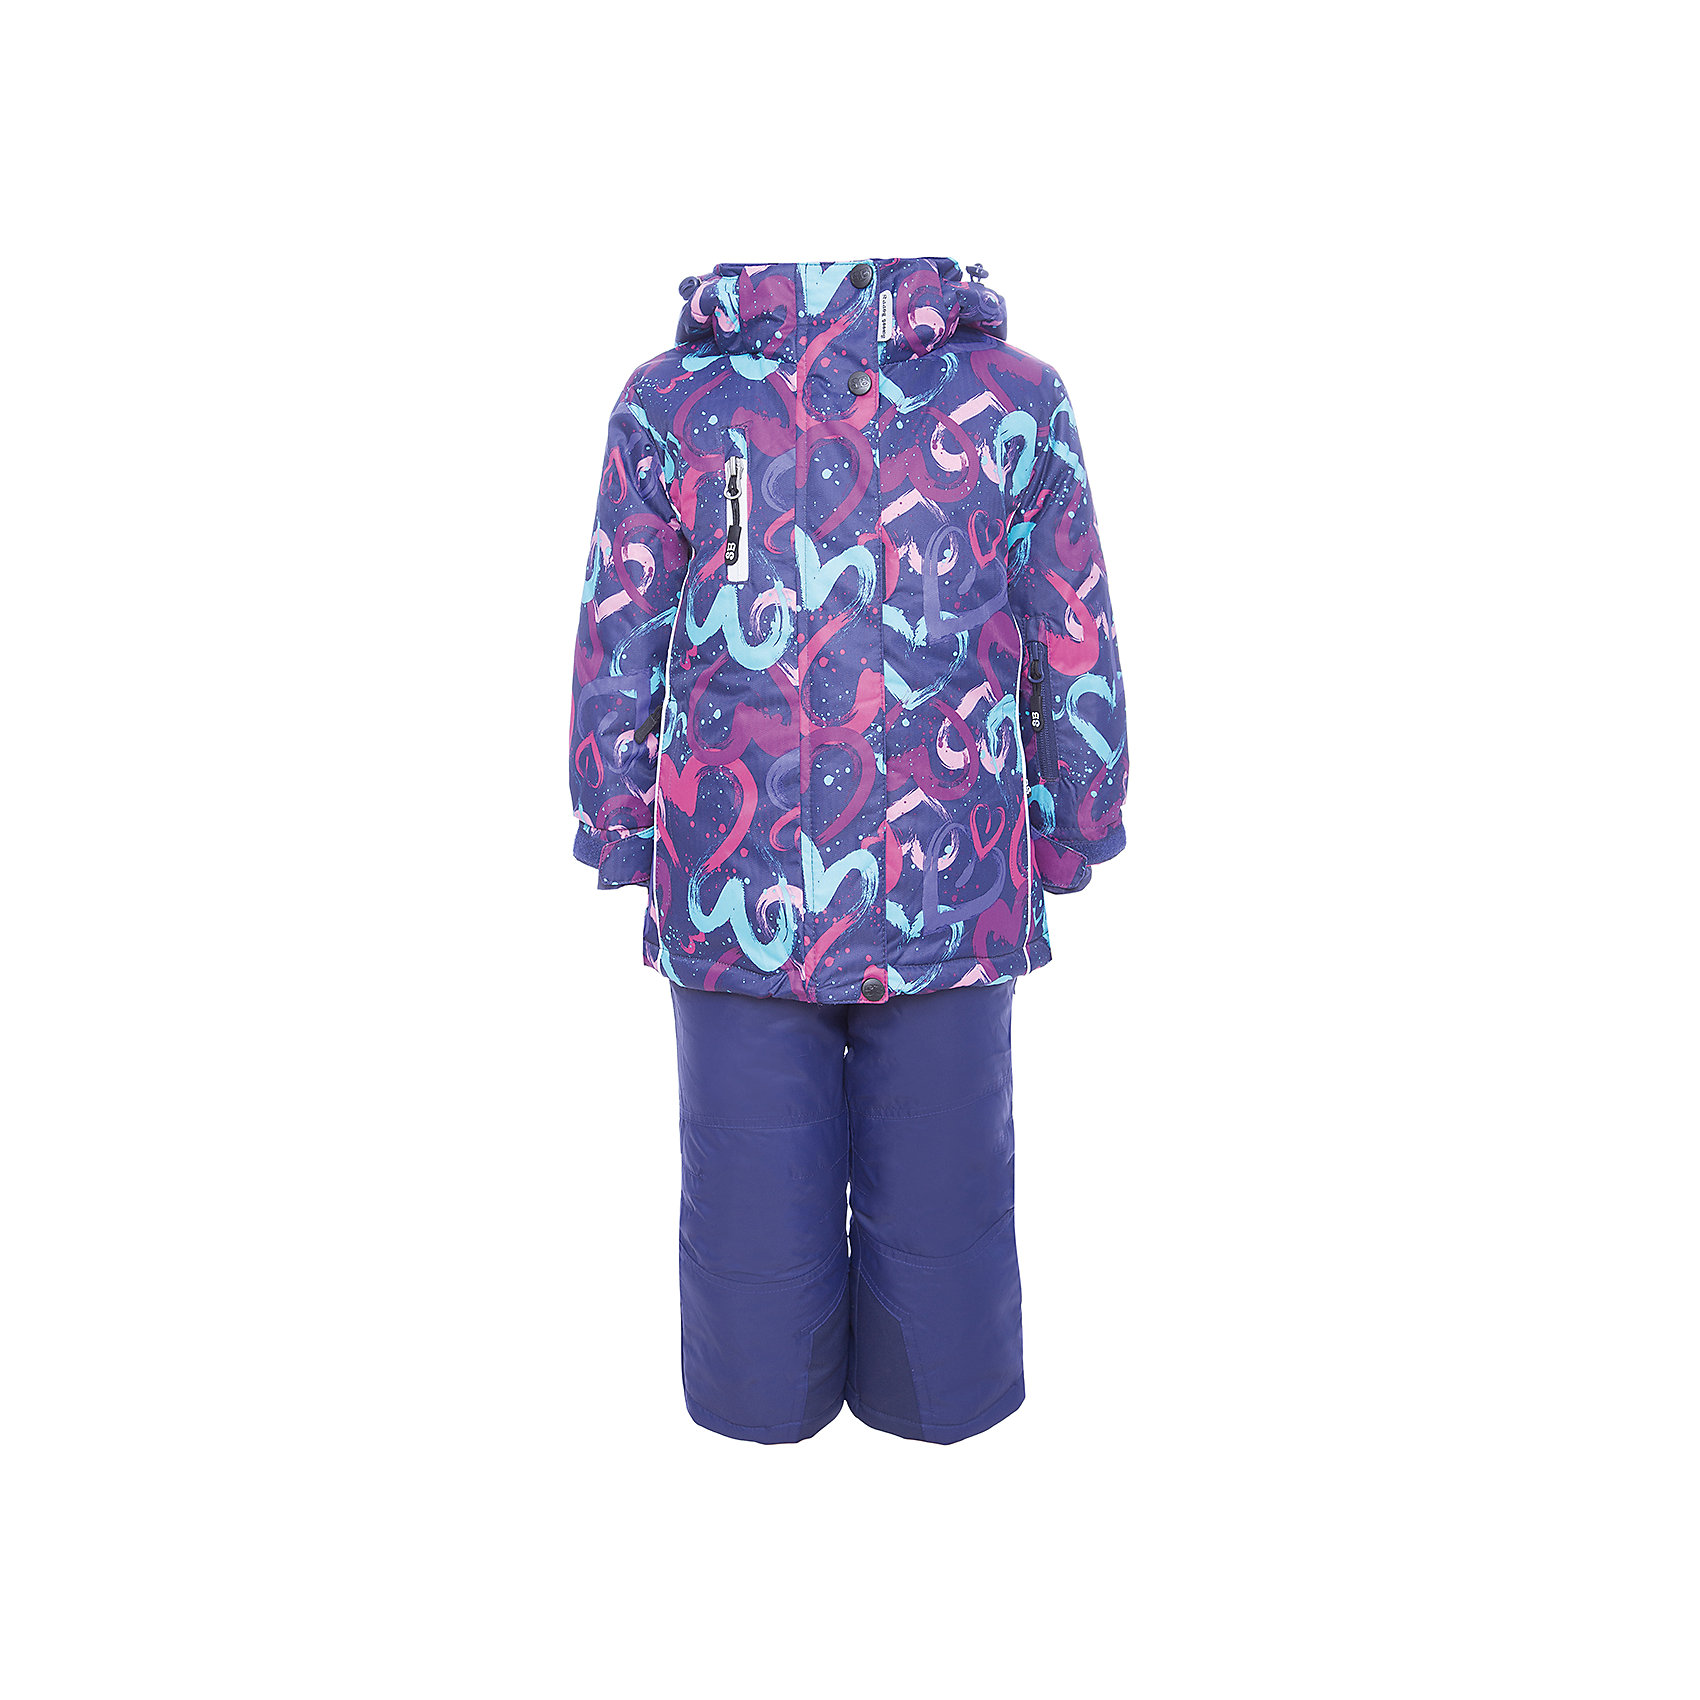 Комплект: куртка и полукомбинезон Sweet Berry для девочкиВерхняя одежда<br>Комплект: куртка и полукомбинезон Sweet Berry для девочки<br>Комфортный и теплый костюм  для девочки из мембранной ткани. В конструкции учтены физиологические особенности малыша. Съемный капюшон на молниях с дополнительной утяжкой, спереди установлены две кнопки.  Рукава с манжетами, регулируются липучкой. На куртке два кармана, застегивающиеся на молнию. Застежка-молния с внешней ветрозащитной планкой. Брюки на регулируемых подтяжках гарантируют посадку по фигуре.  Колени, задняя поверхность бедер и низ брюк дополнительно усилены сверхпрочным материалом. Силиконовые отстегивающиеся штрипки на брючинах. Ткань верха: мембрана 5000мм/5000г/м2/24h, waterproof, водонепроницаемая с грязеотталкивающей пропиткой.<br>Пoдкладка: флис<br>Утеплитель: синтетический утеплитель 220 г/м? (куртка),<br>180 г/м? (рукава, п/комбинезон). Температурный режим: от -35 до +5 С<br>Состав:<br>Верх: куртка: 100%полиэстер, полукомбинезон:  100%нейлон.  Подкладка: 100%полиэстер. Наполнитель: 100%полиэстер<br><br>Ширина мм: 356<br>Глубина мм: 10<br>Высота мм: 245<br>Вес г: 519<br>Цвет: лиловый<br>Возраст от месяцев: 96<br>Возраст до месяцев: 108<br>Пол: Женский<br>Возраст: Детский<br>Размер: 134,92,98,104,110,116,122,128<br>SKU: 7094143